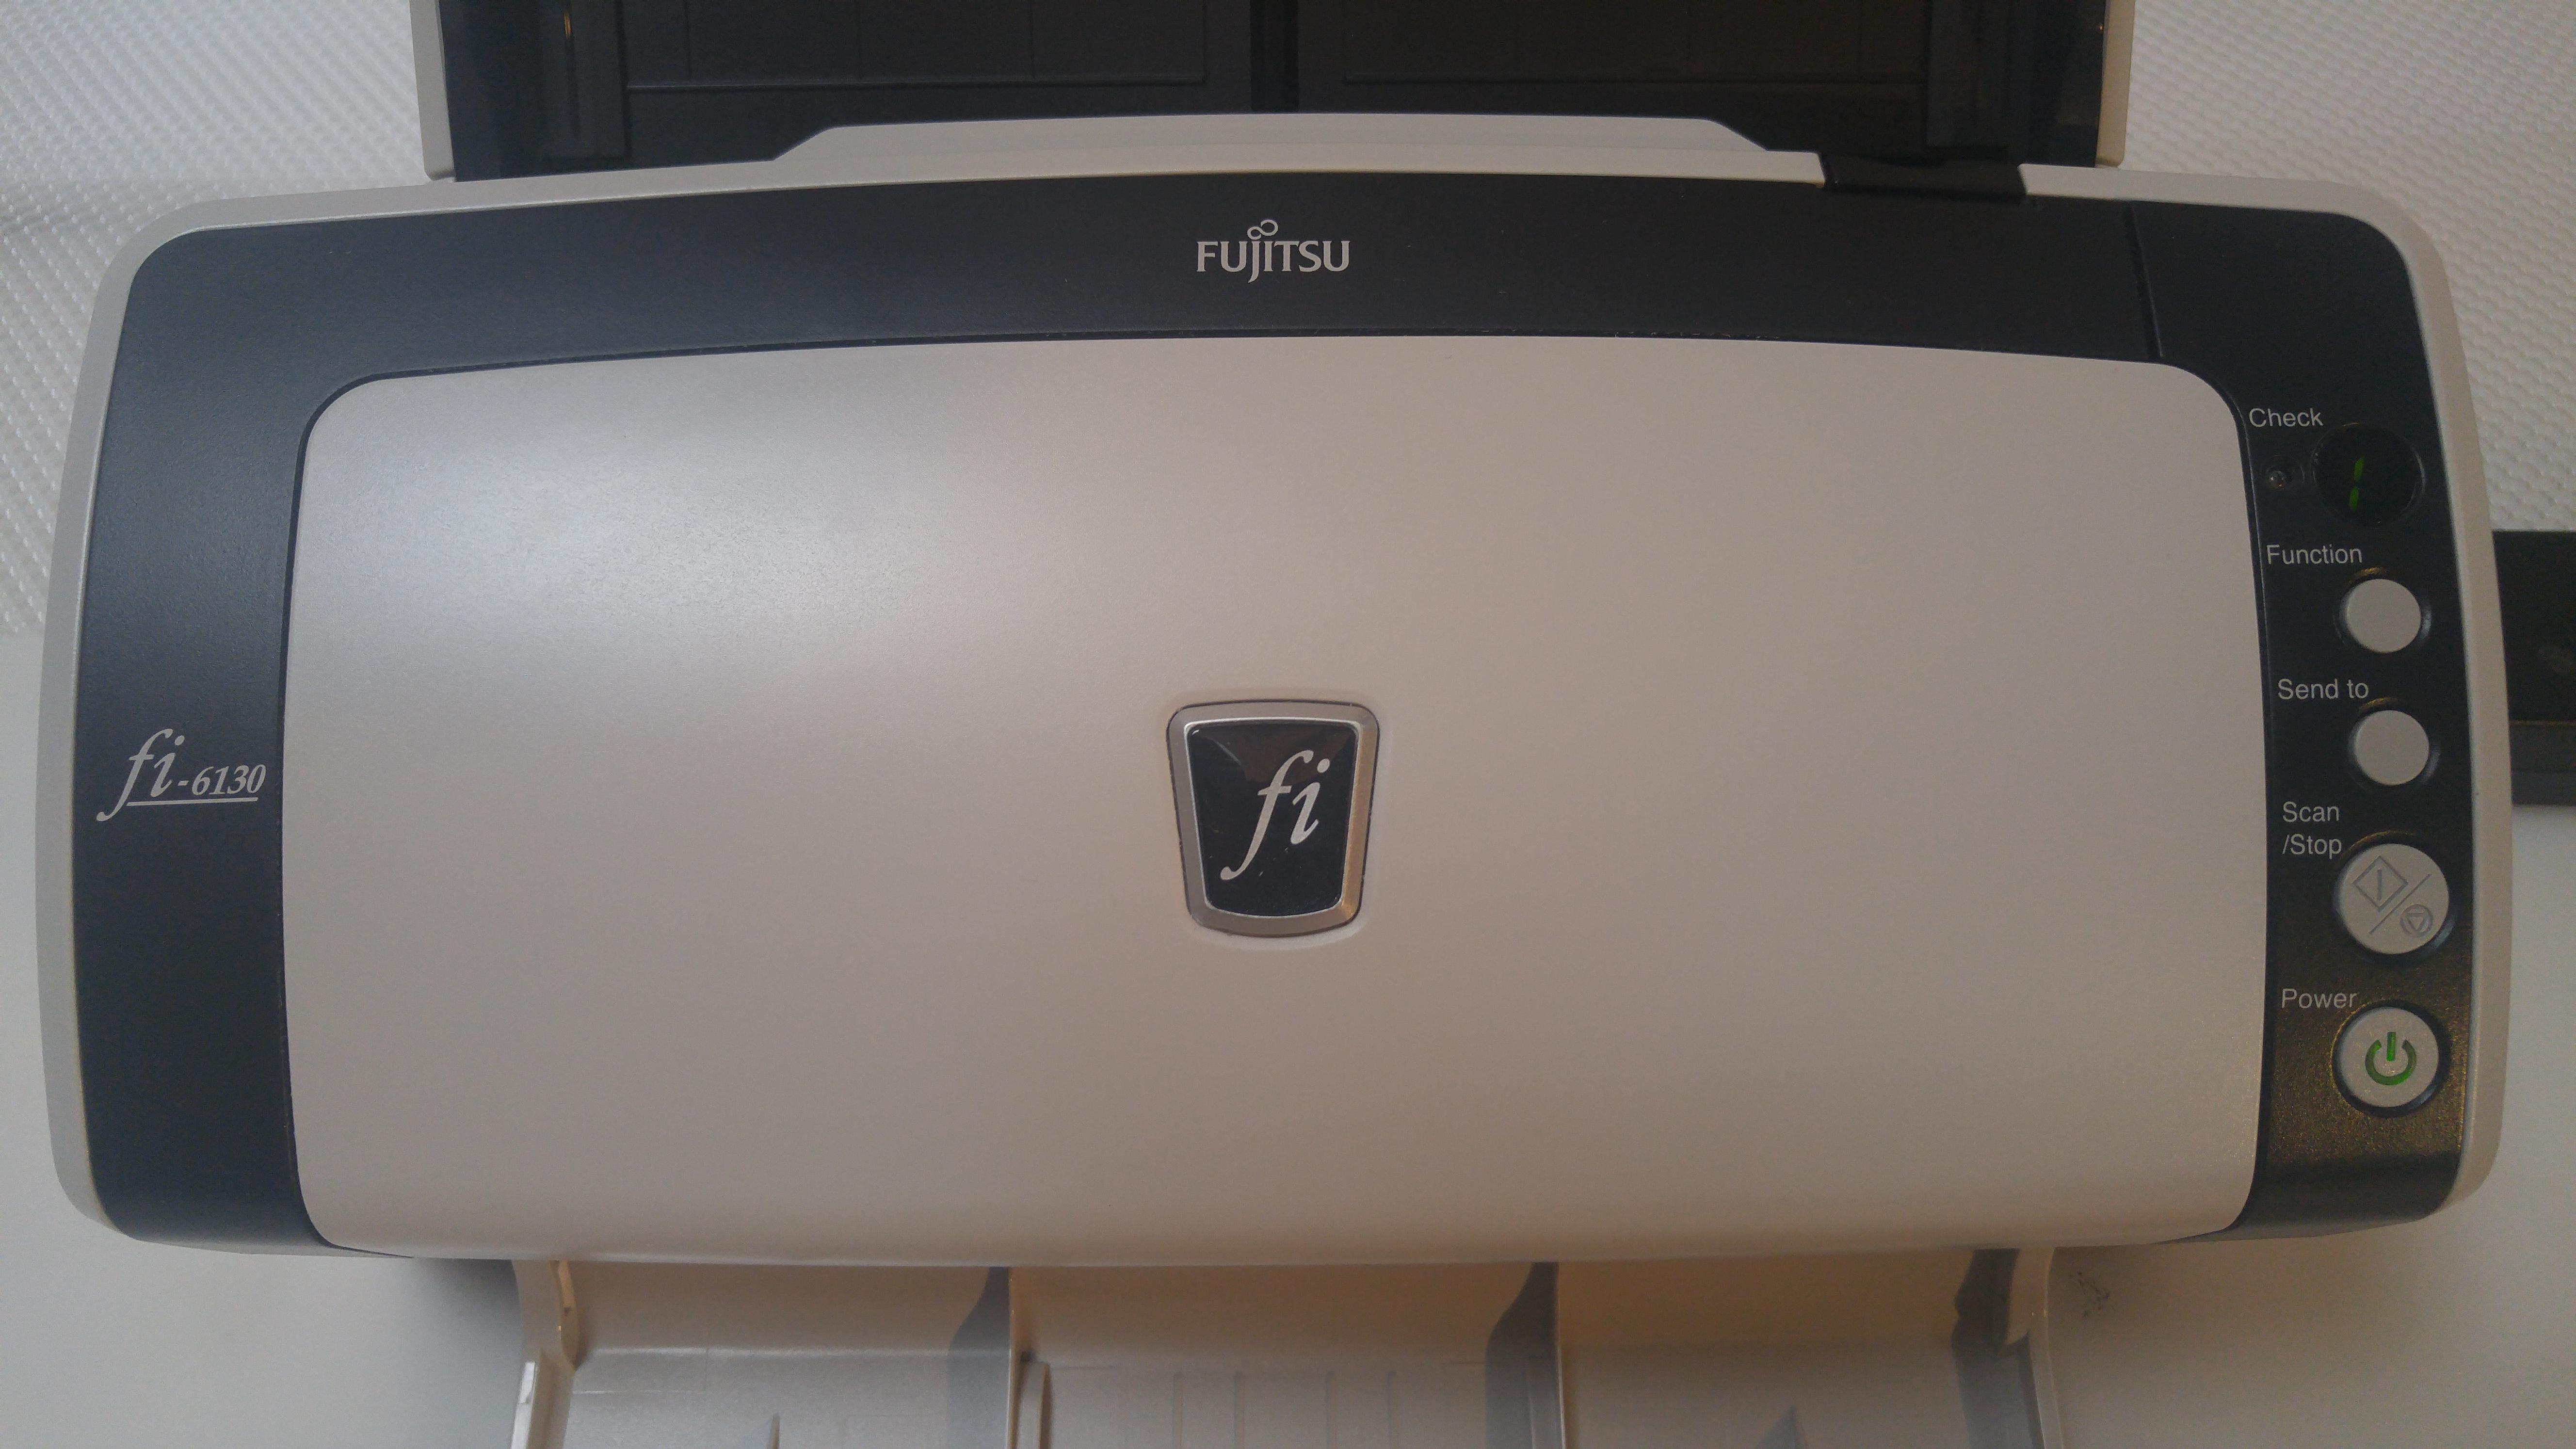 Fujitsu Fi 6130 Scannar Warranty Refurbished With New Feed